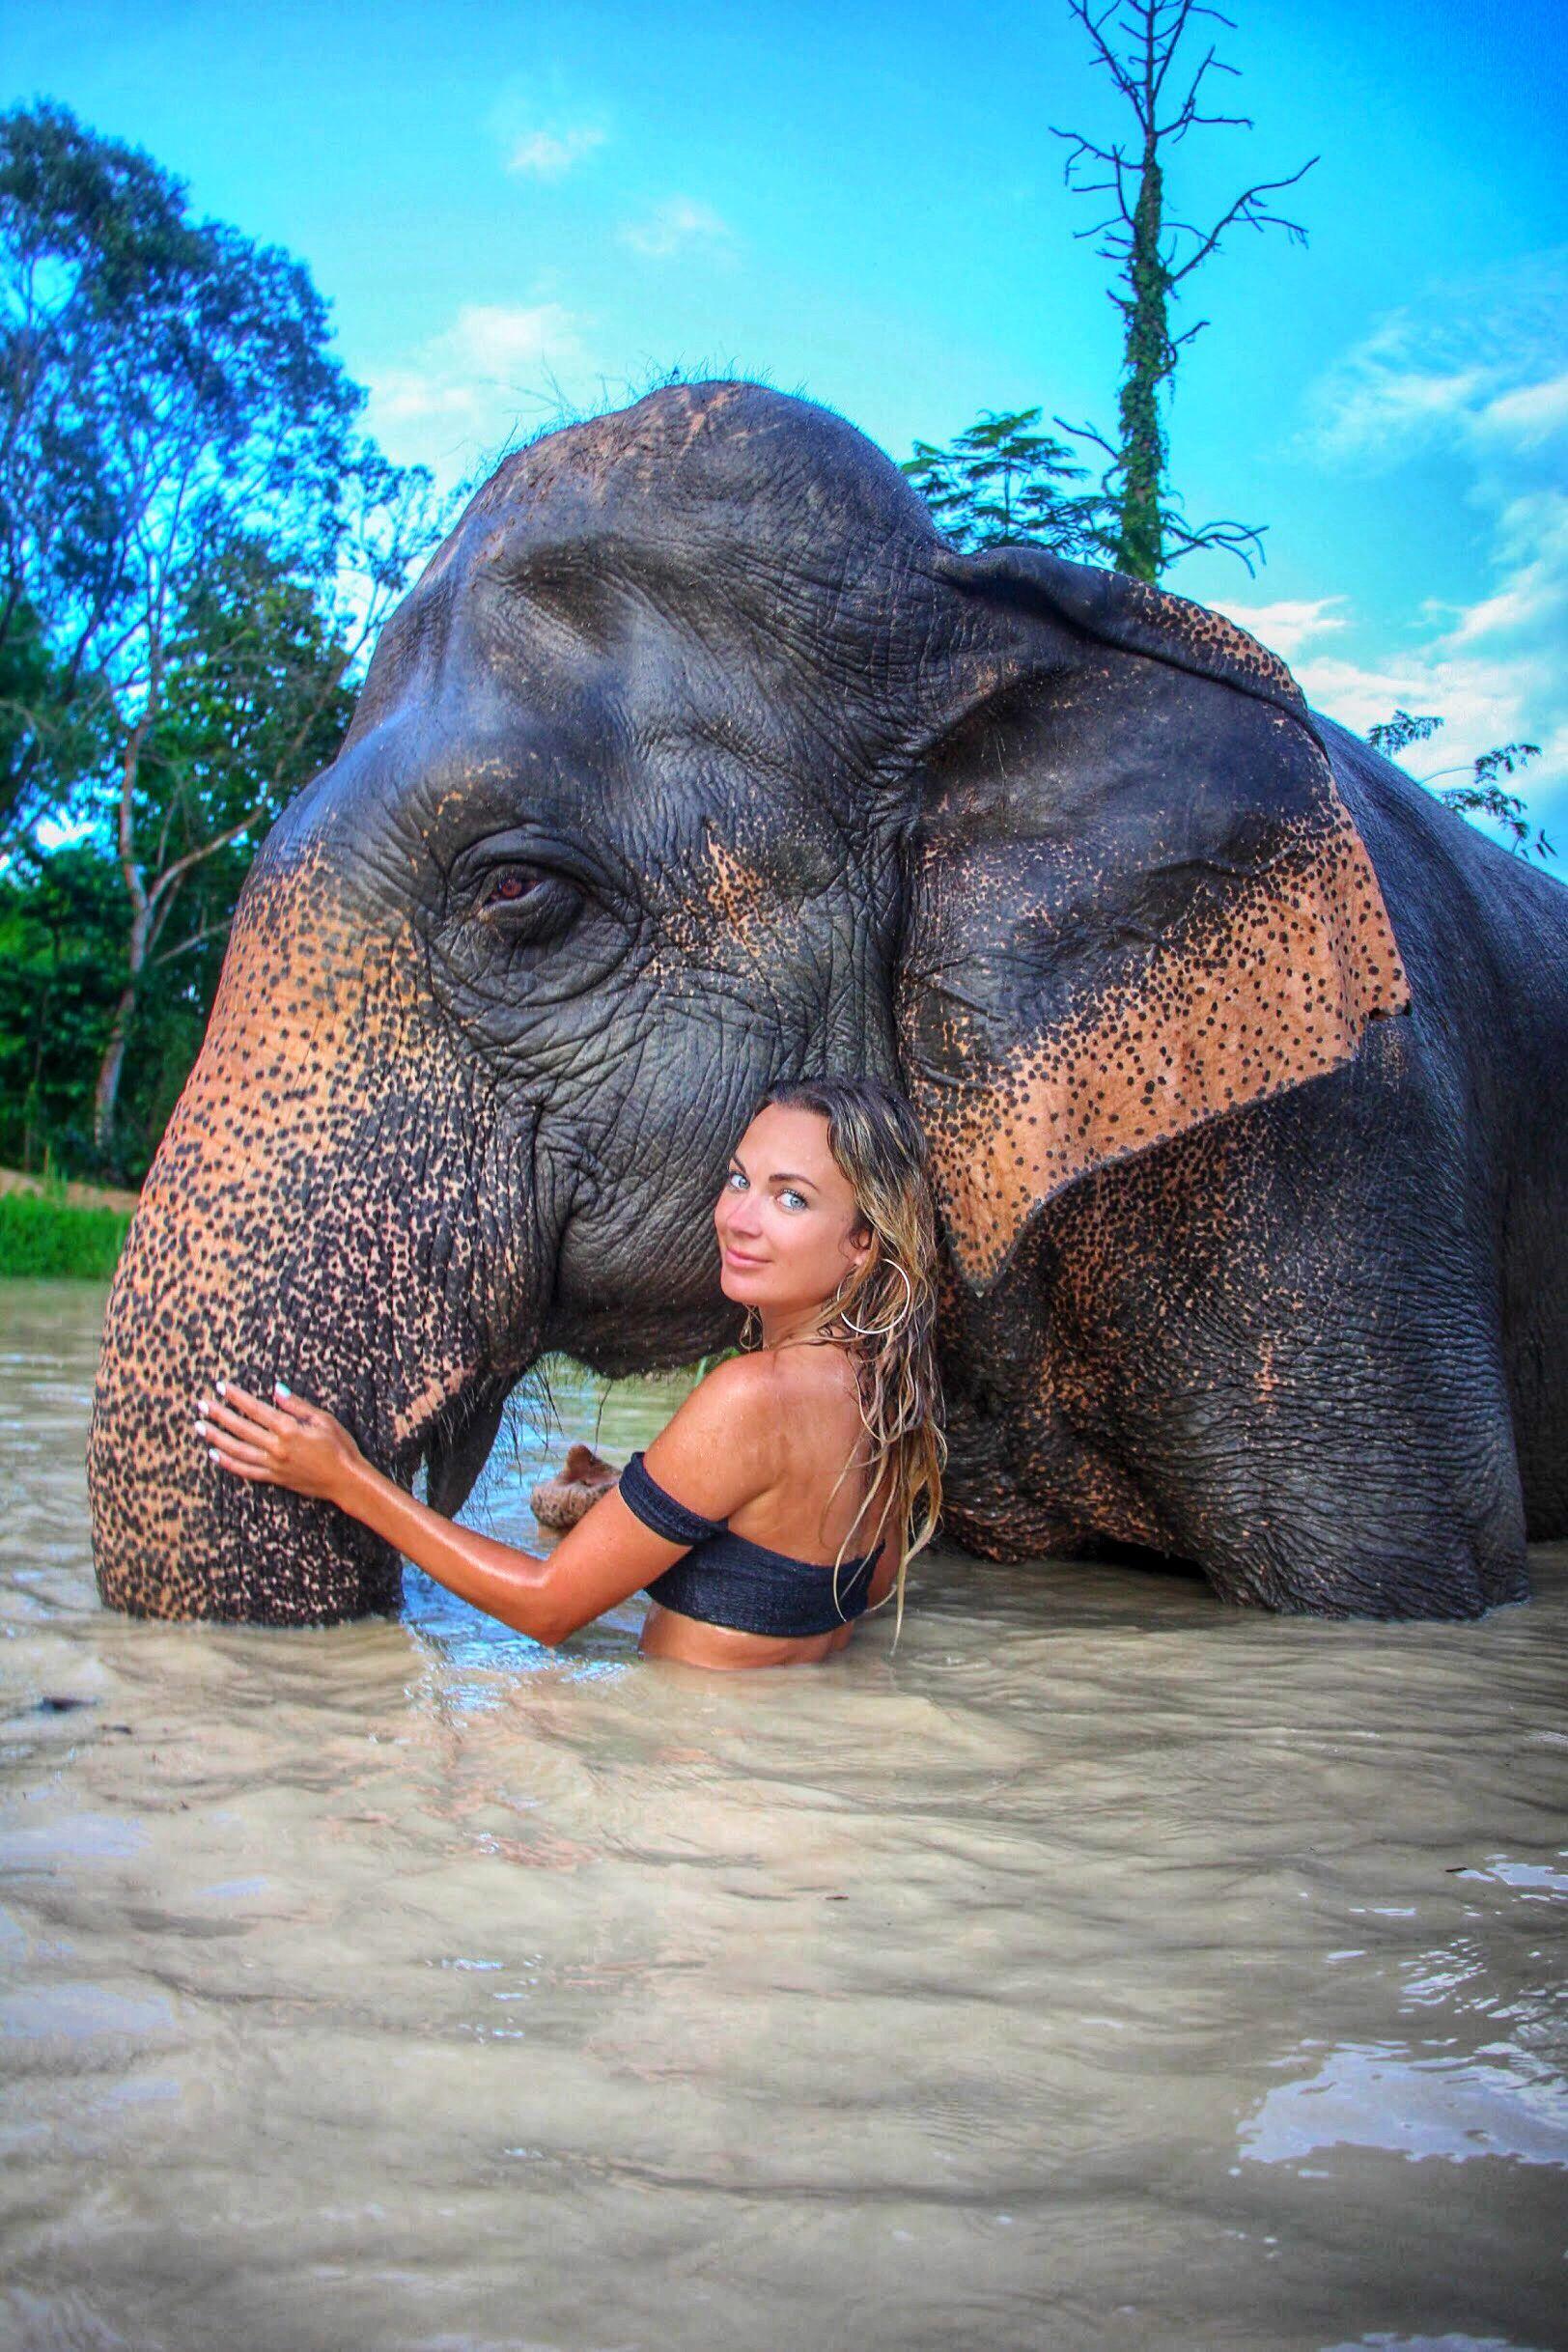 chiang mai ethical elephant sanctuary mylifesamovie.com